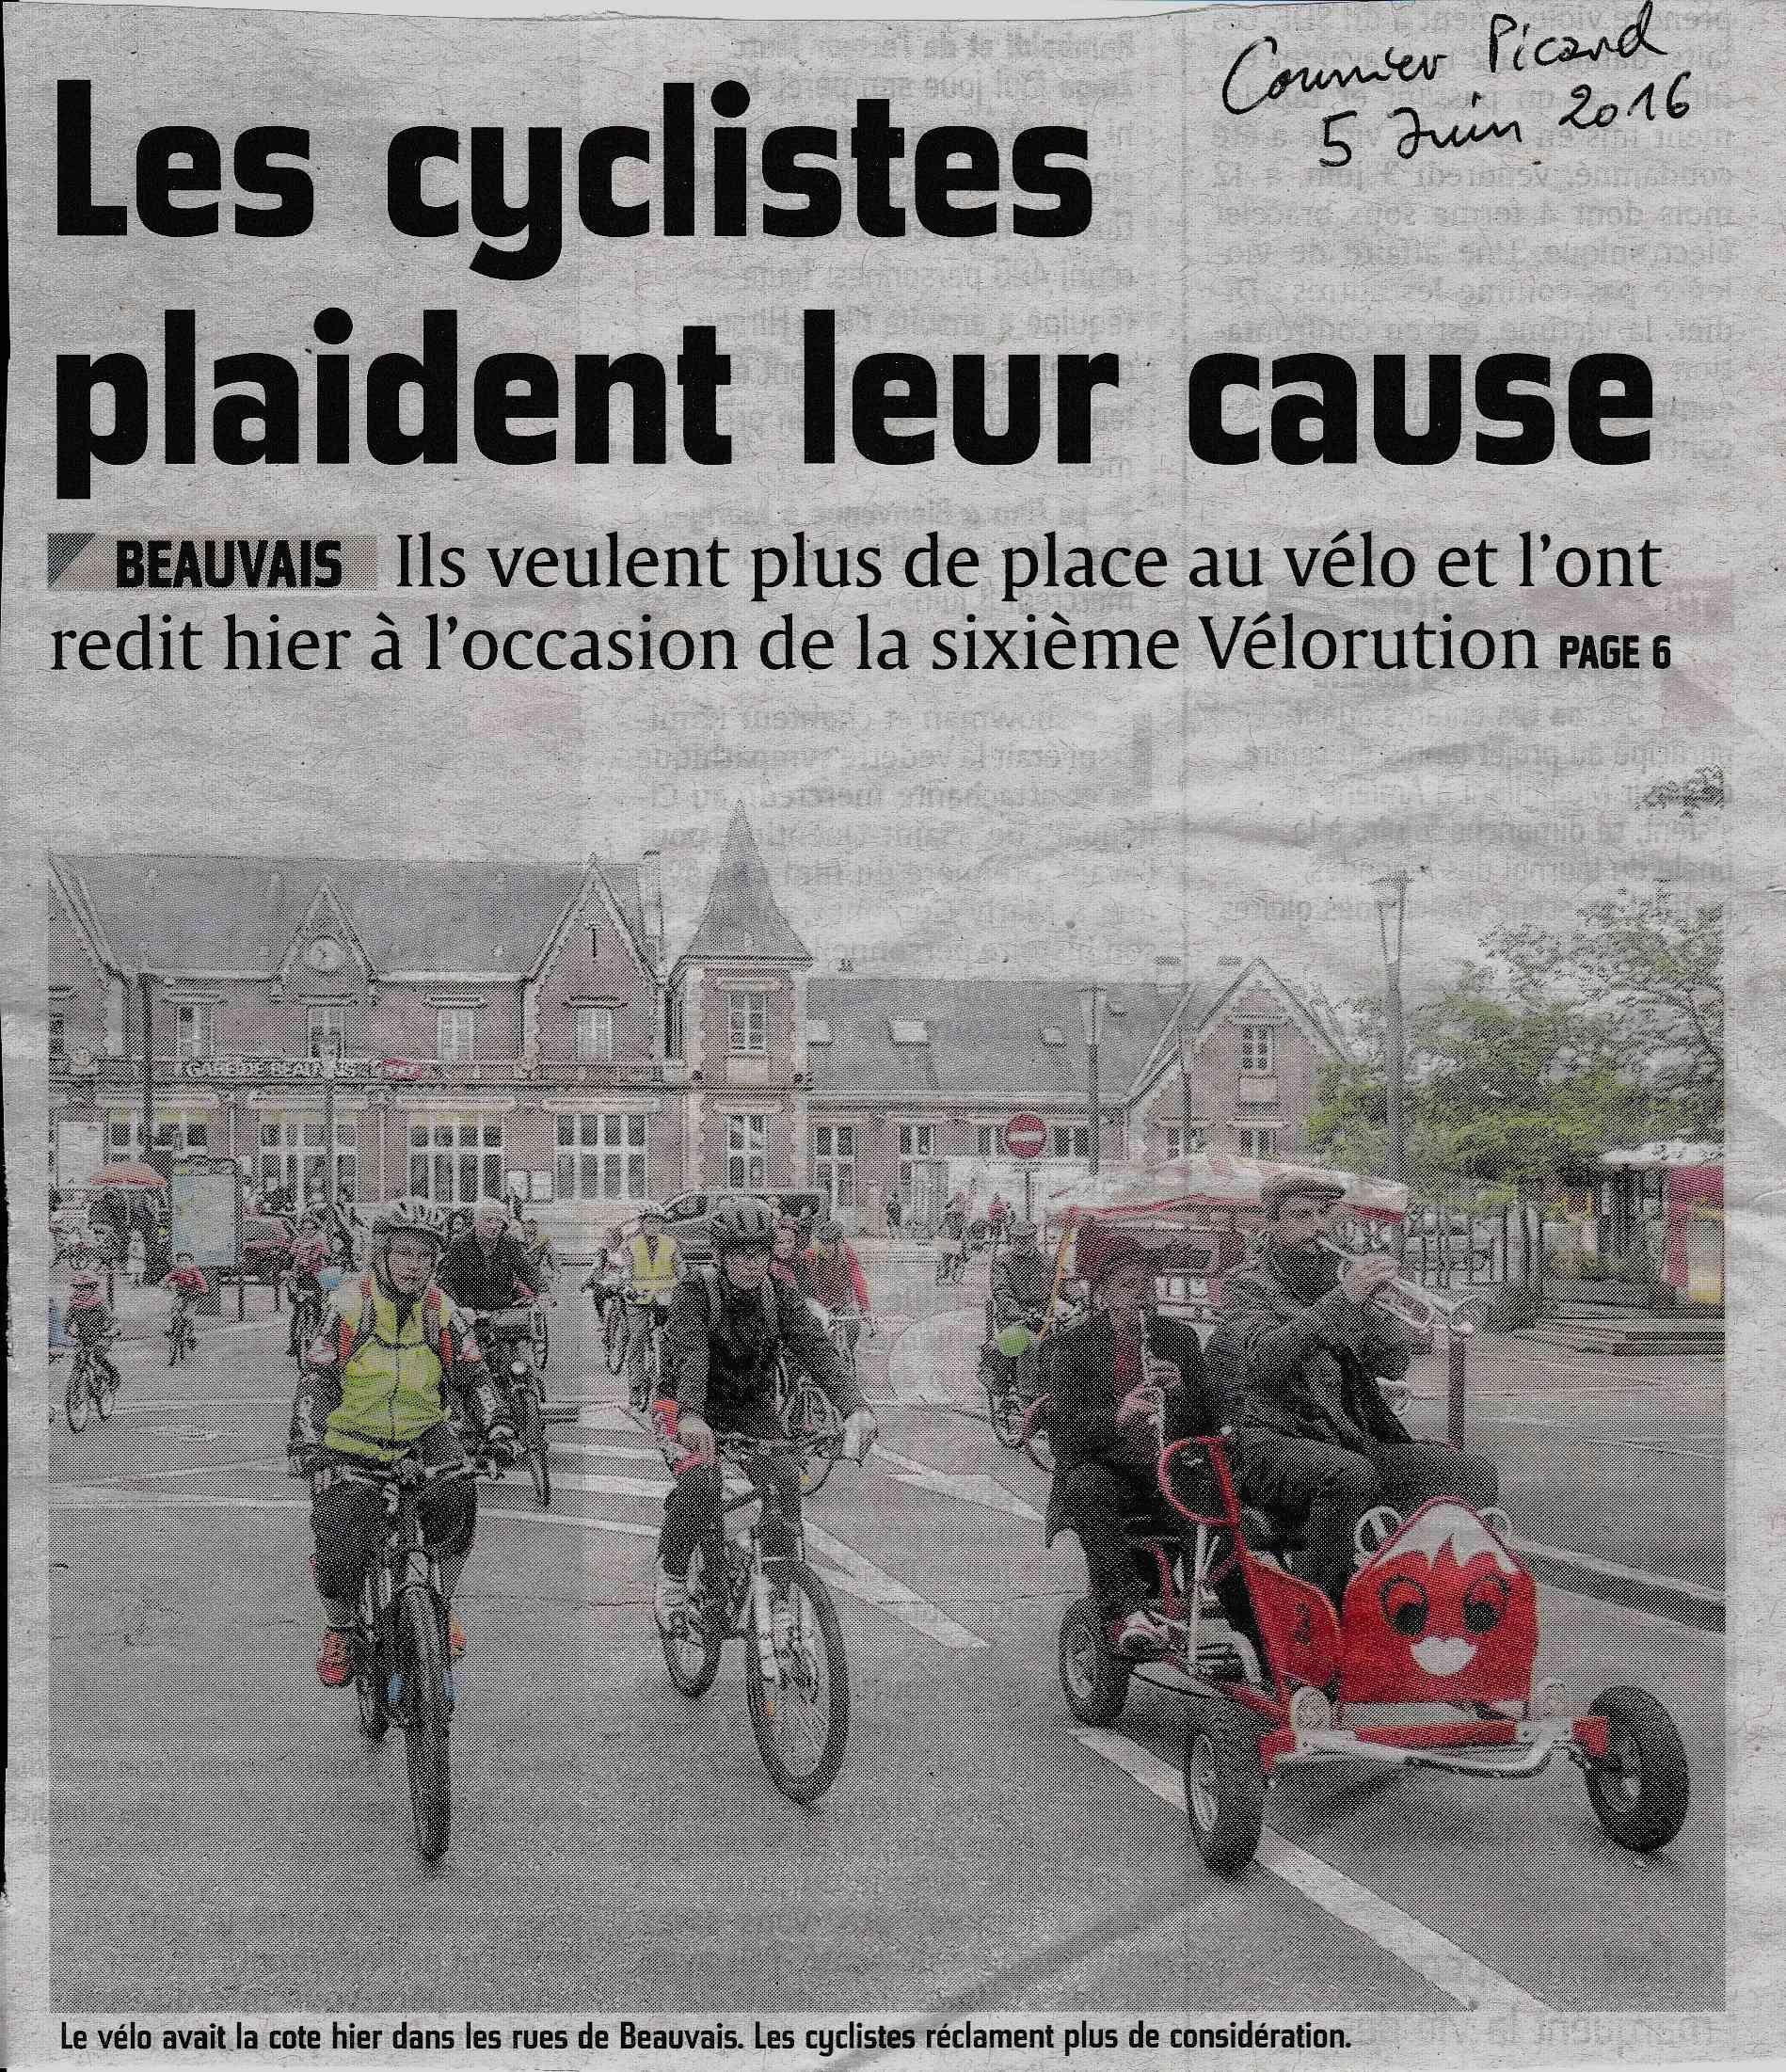 Vélorution 2016 dans les rues de Beauvais